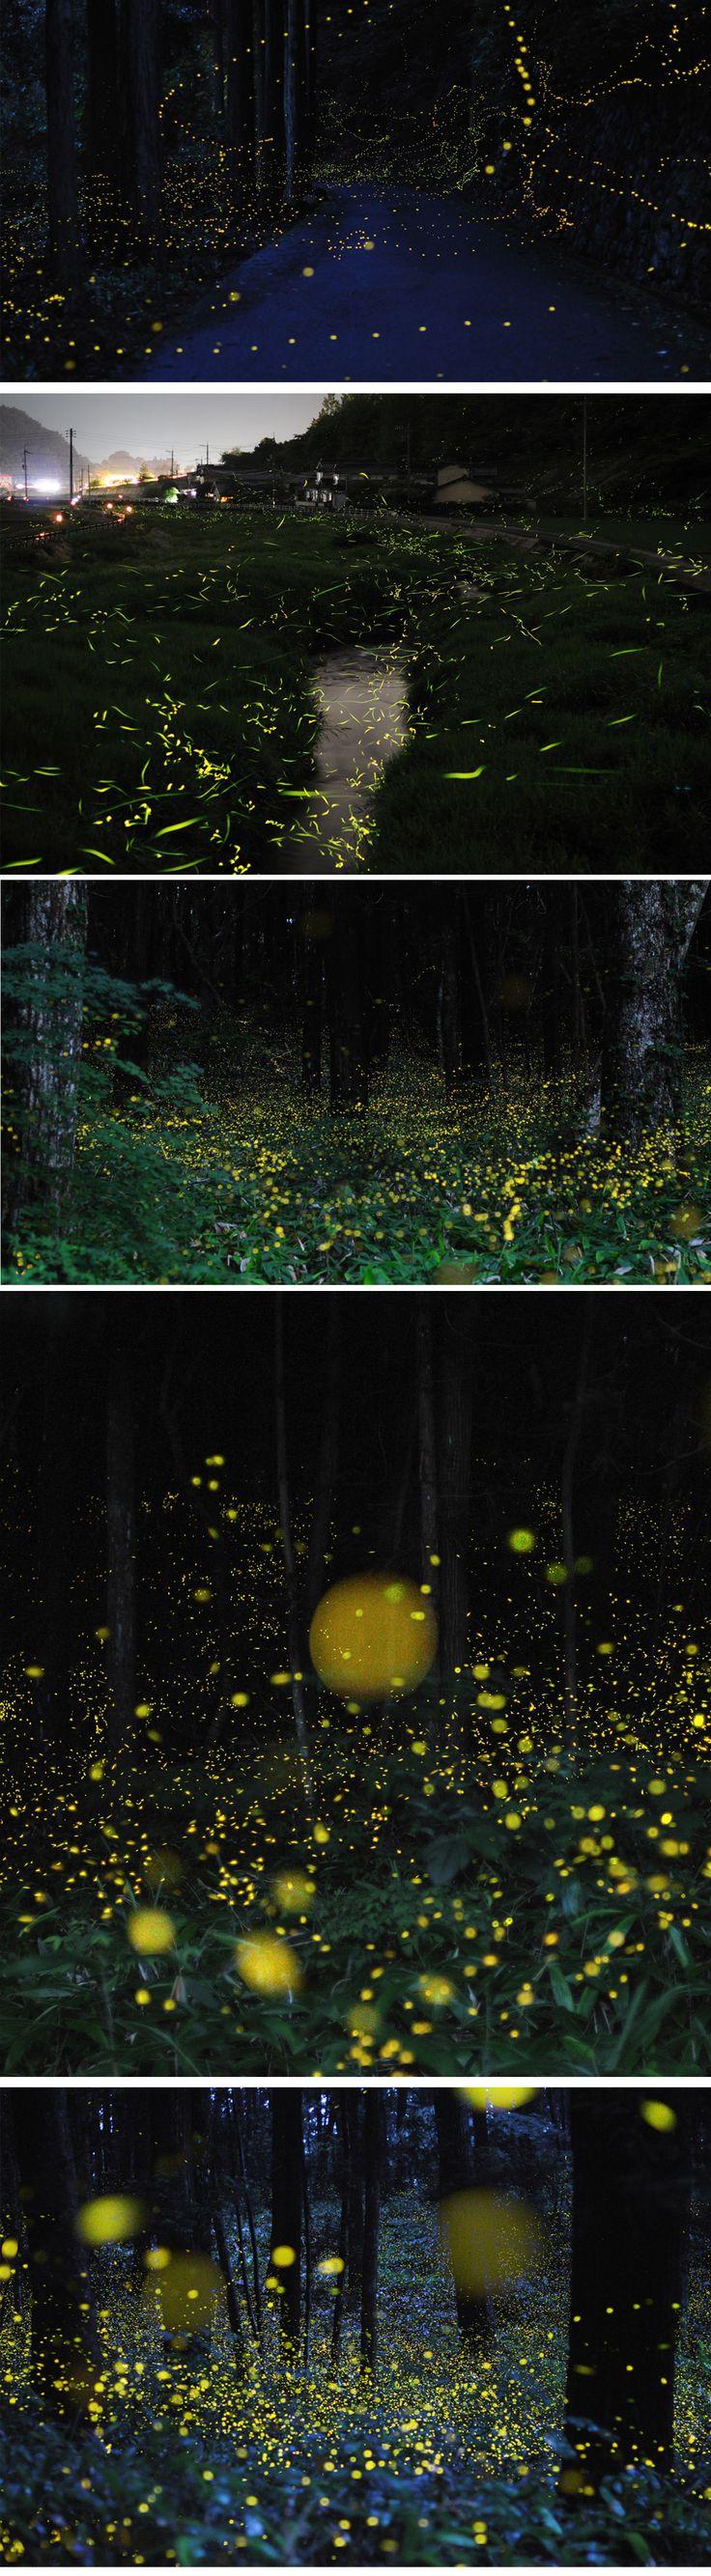 O fotógrafo japonês Karo Yuki criou um ensaio fotográfico capturando vagalumes com a exposição da câmera aberta, captando o rastro de suas luzes.